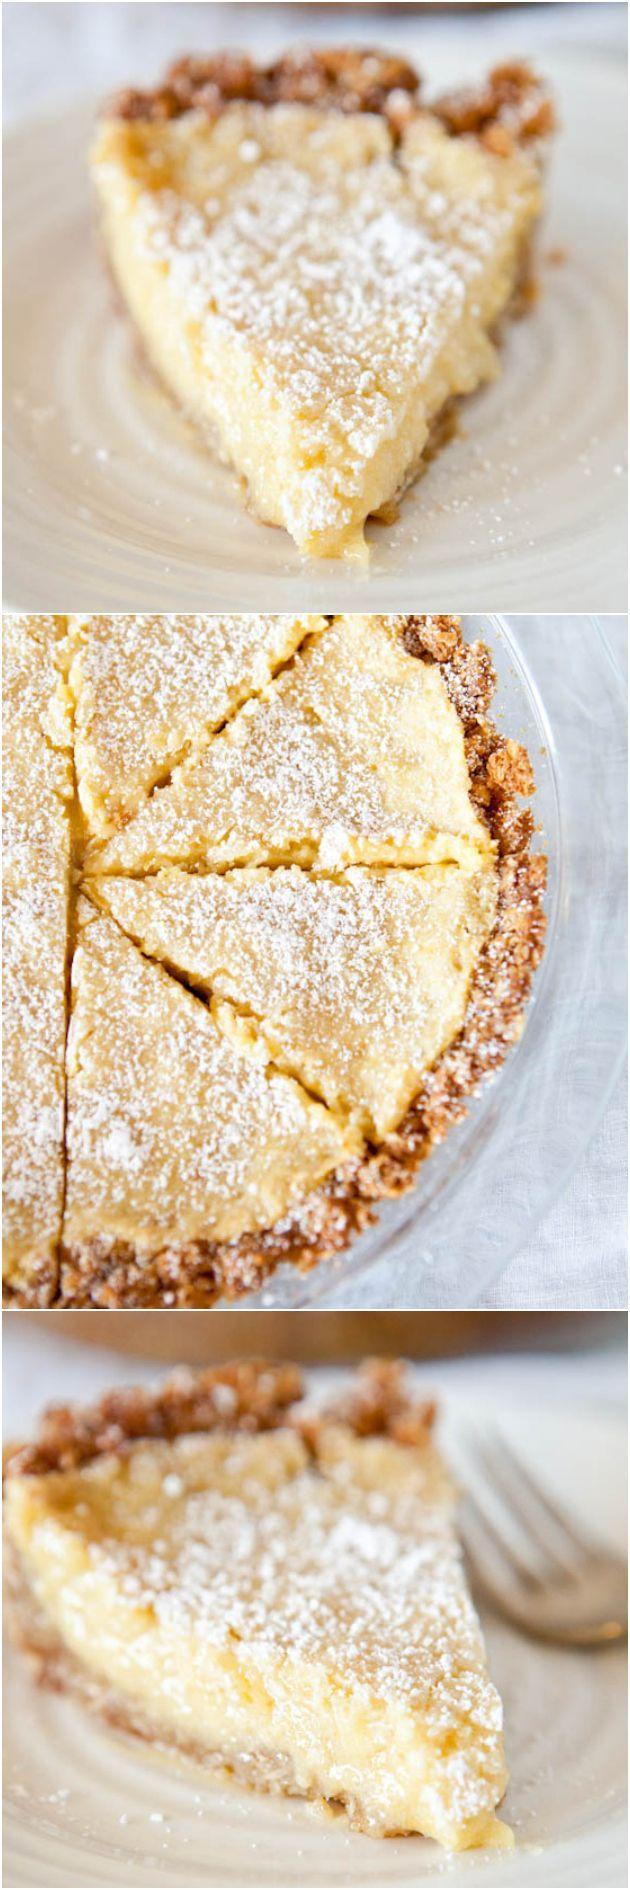 Crack Pie Recipe